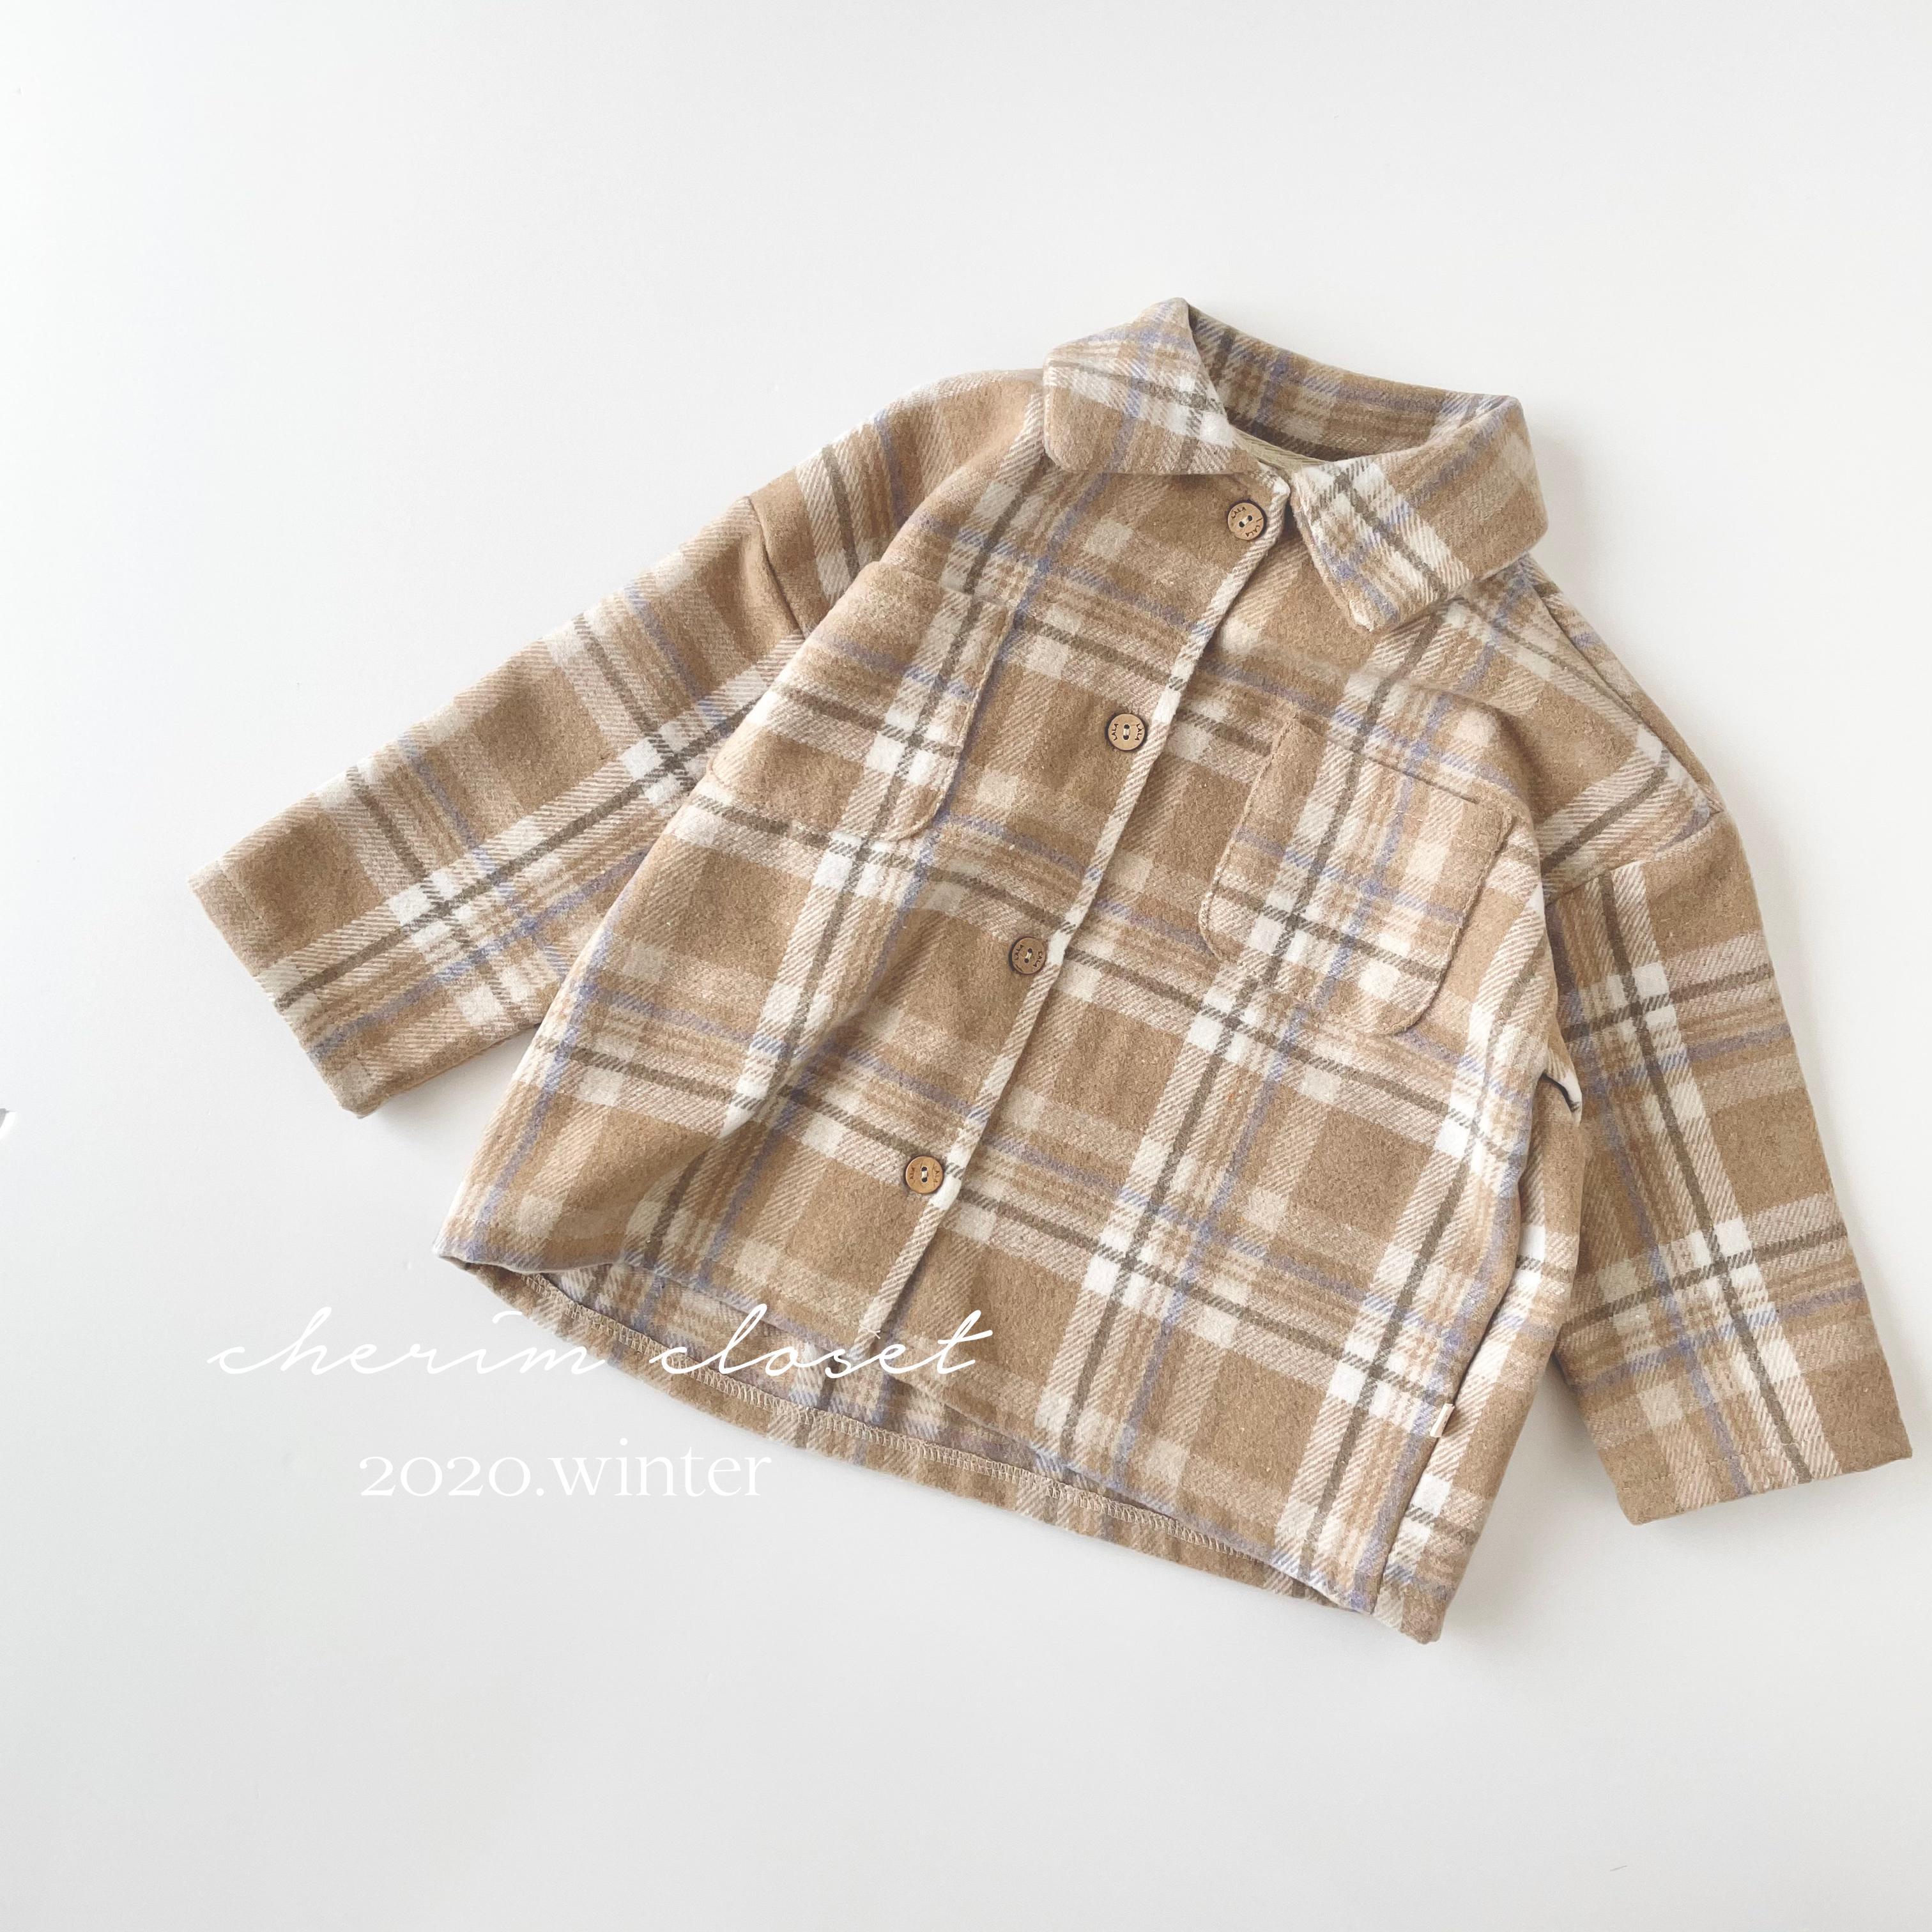 NO.1111 Check shirt